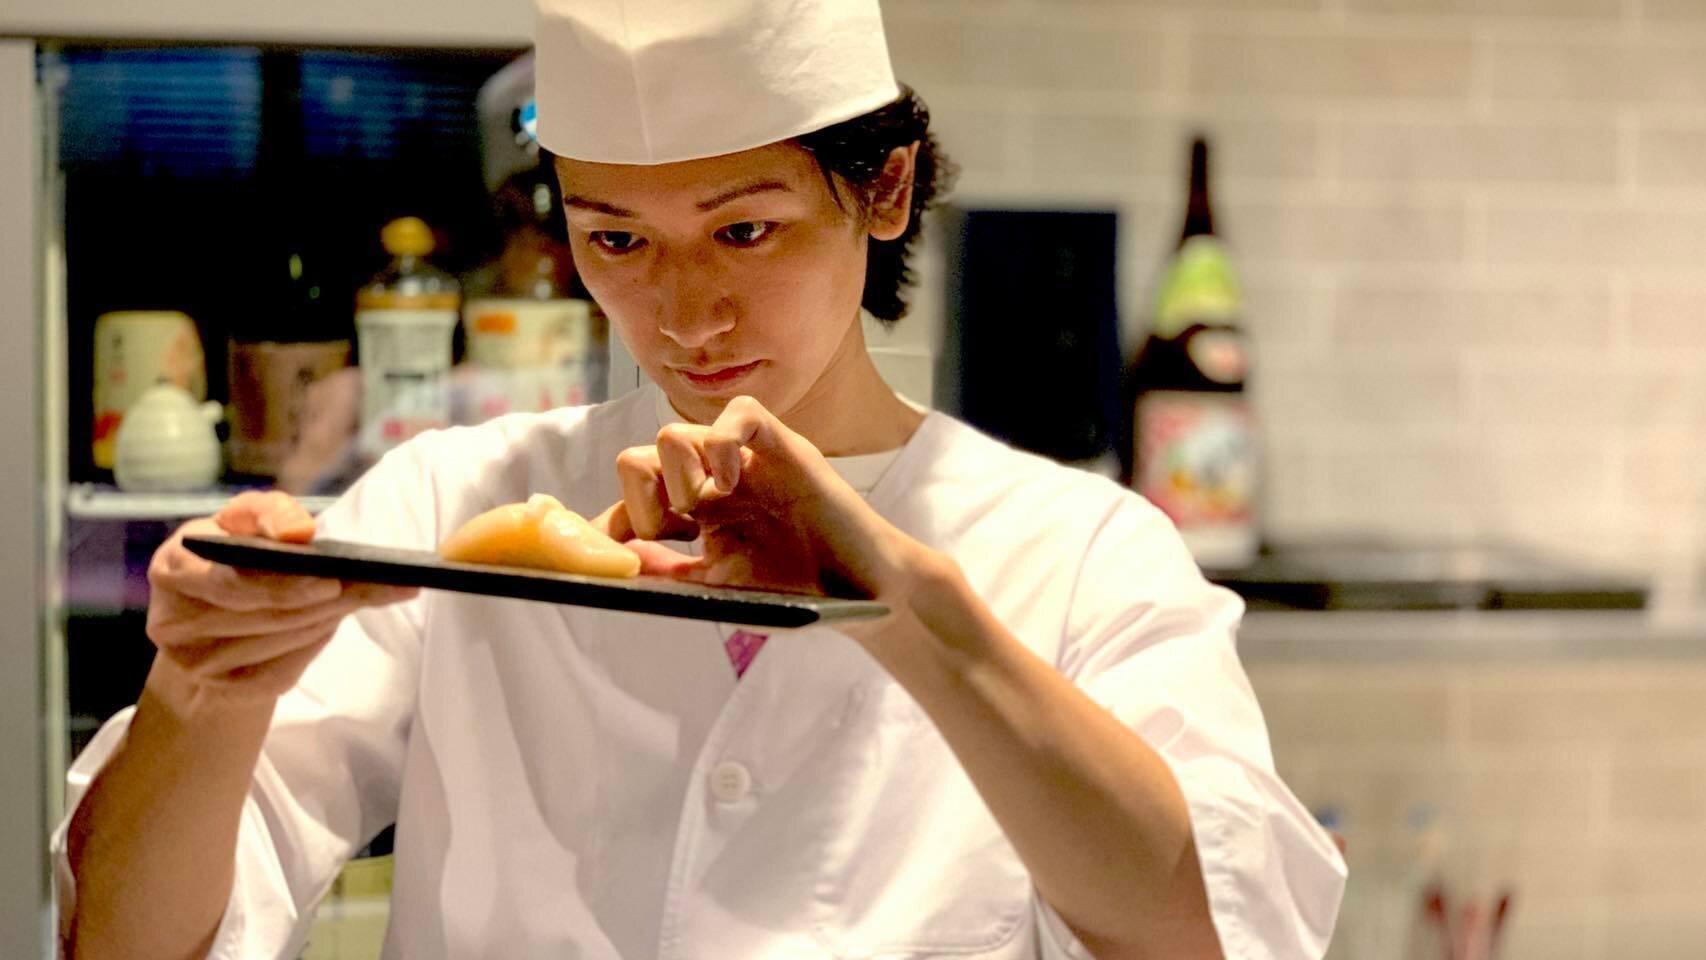 ホスト歴14年の僕が、寿司屋の大将になった理由。